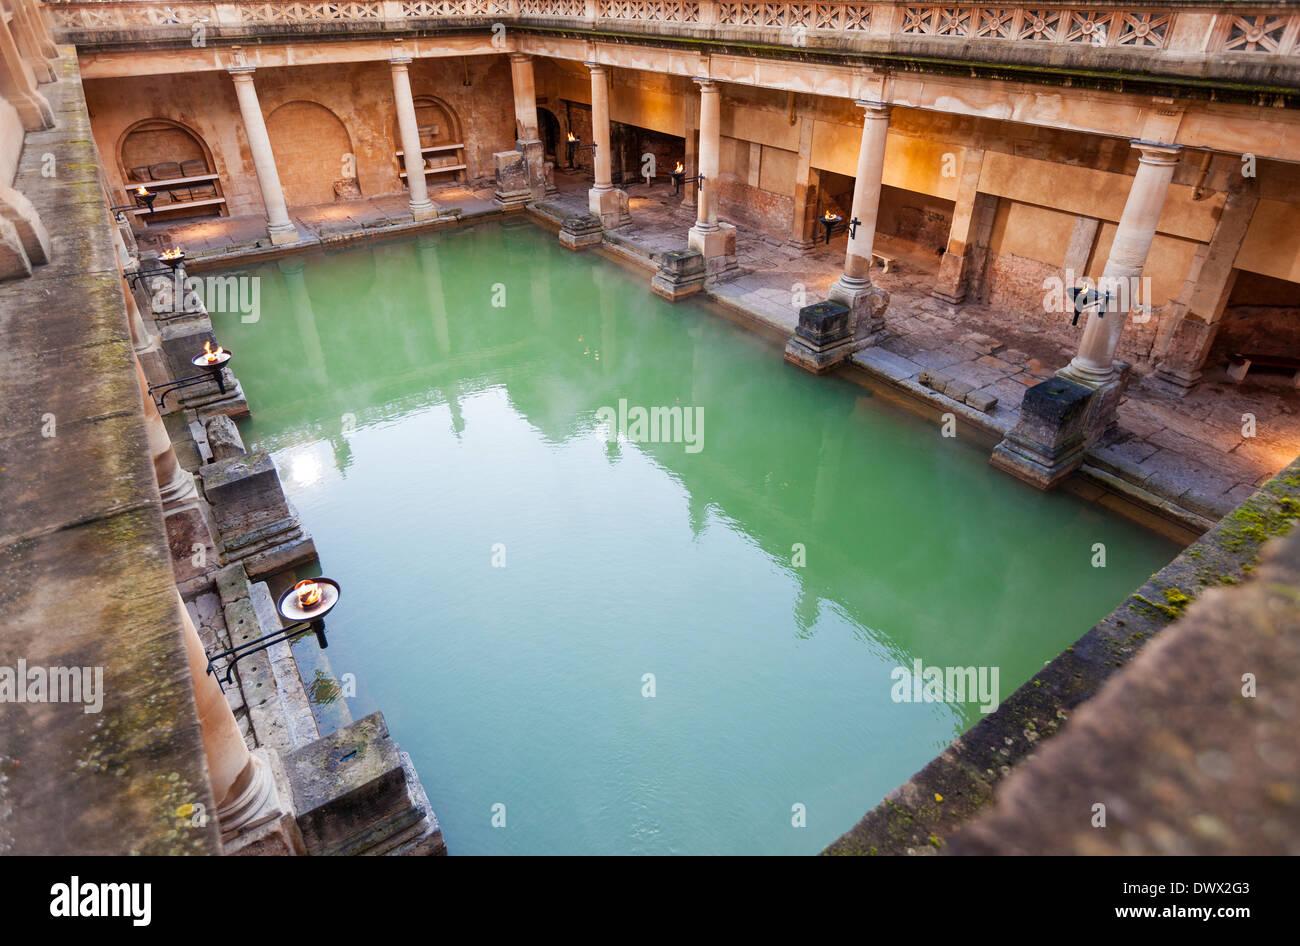 La grande baignoire, partie de la bains romains de Bath, Royaume-Uni Photo Stock